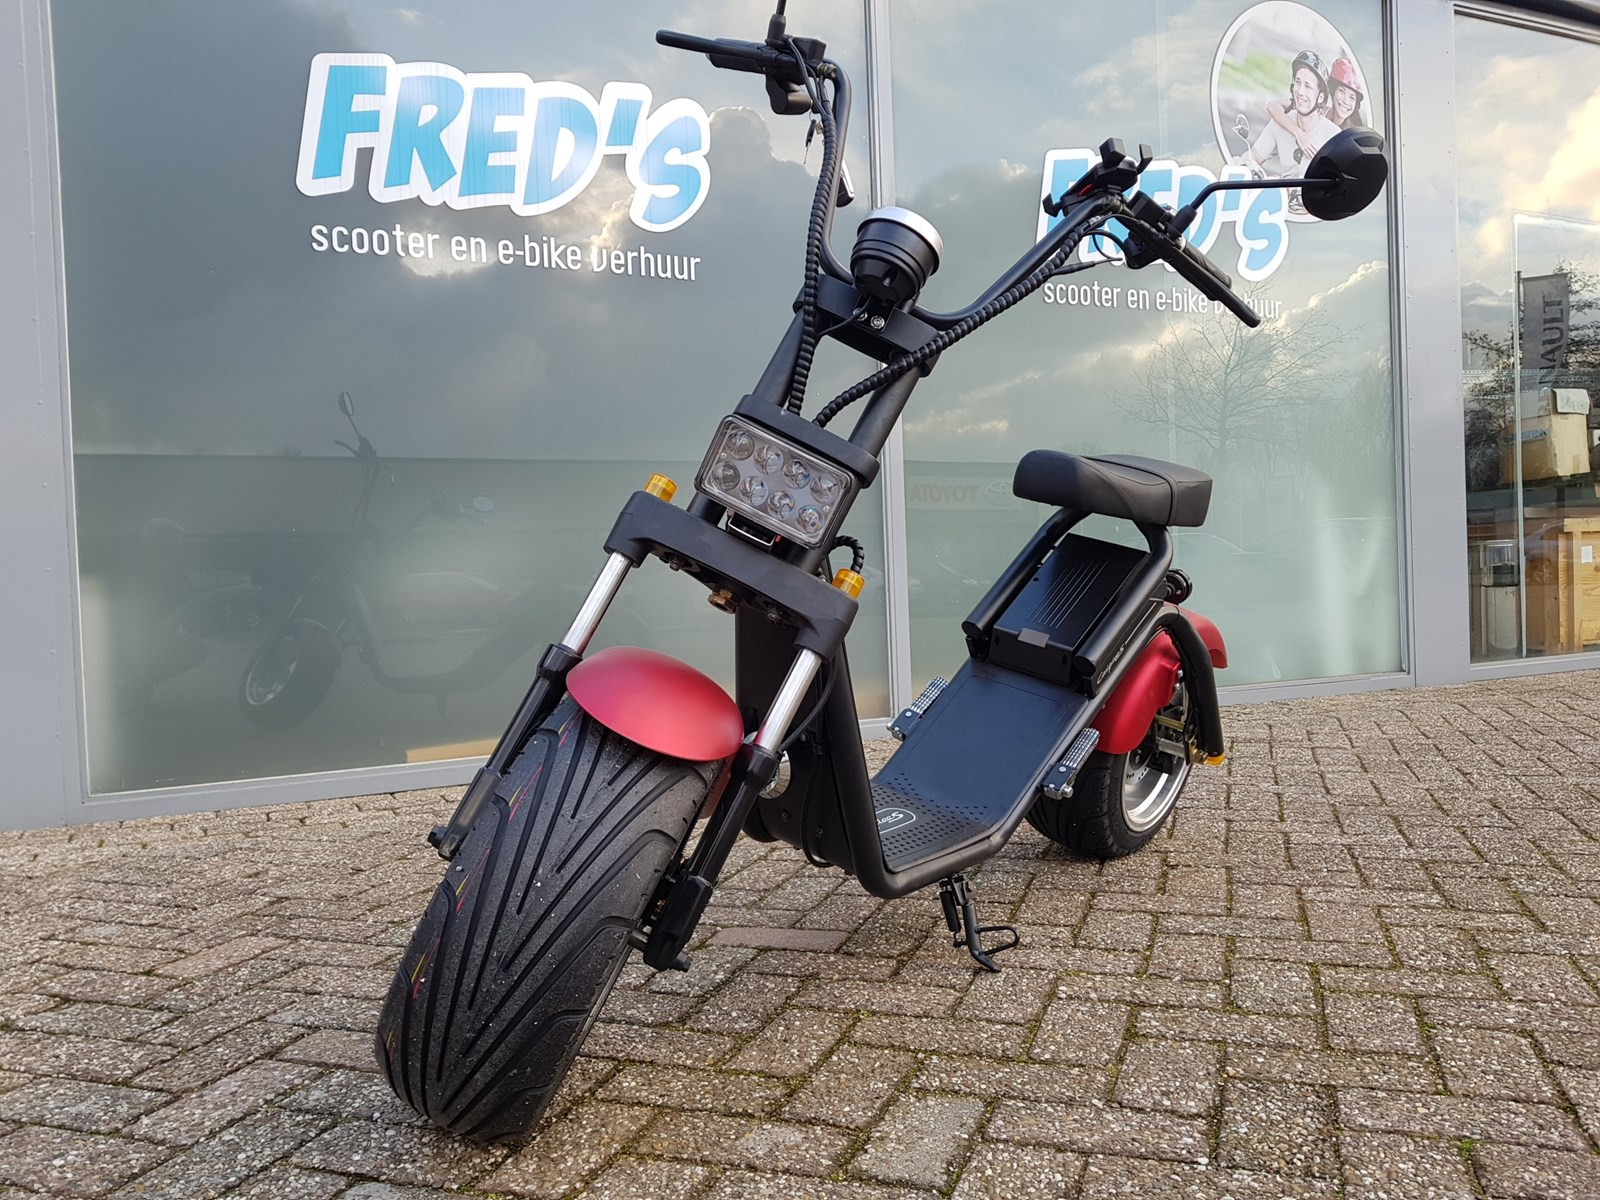 De nieuwste verhuur trends vind u bij Fred - Fred's scooter en e-bike verhuur